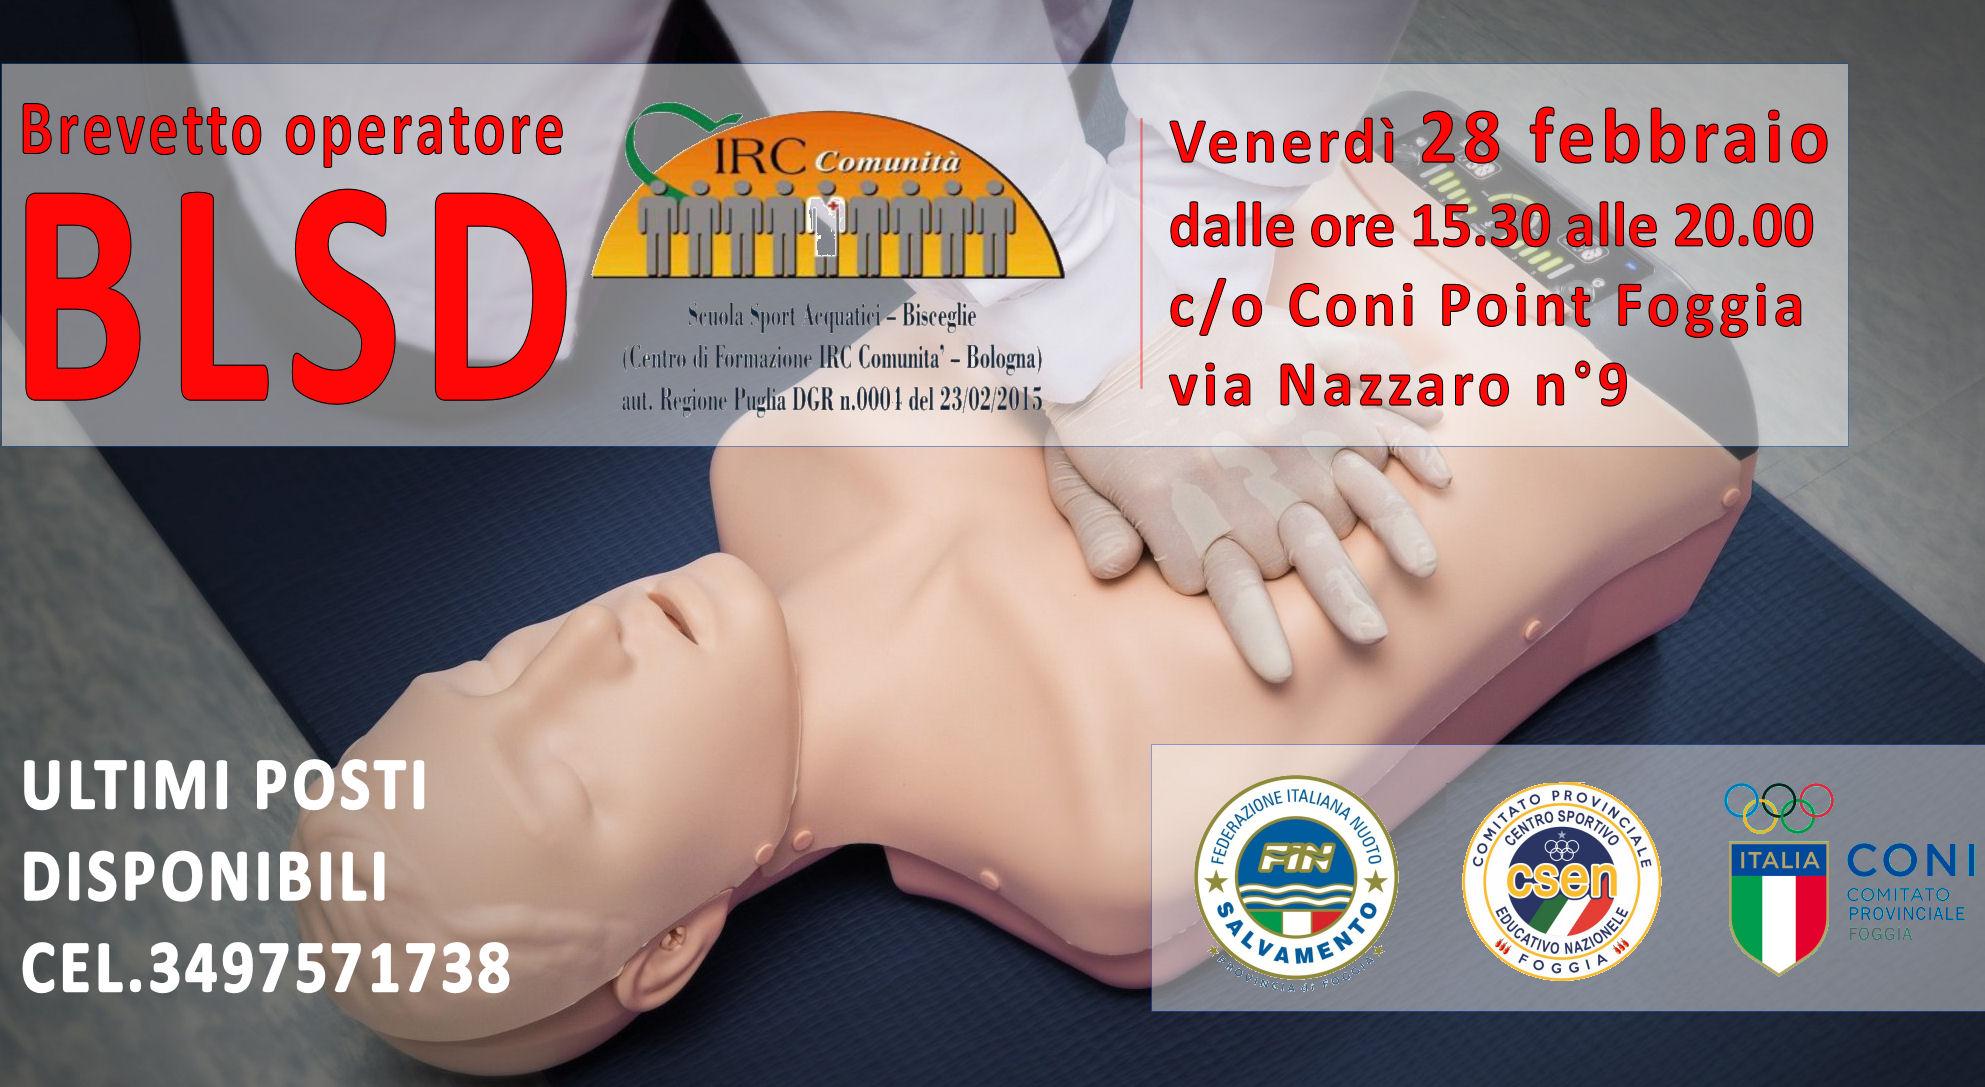 corso Operatore BLSD: defibrillatore    28 febbraio 2020